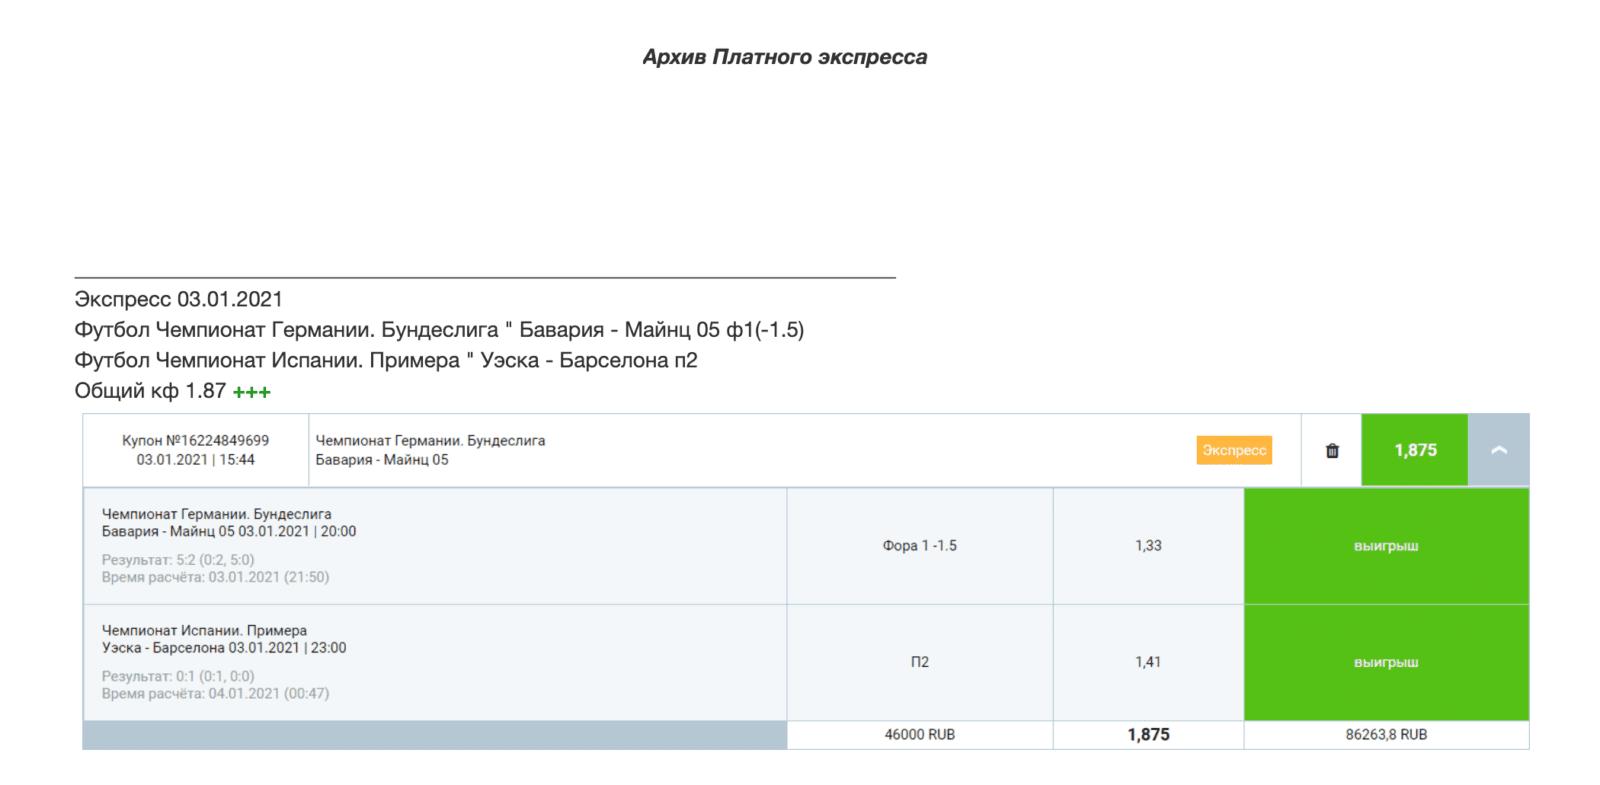 Статистика прогнозов на сайте Betstes.ru (Бетстес.ру)